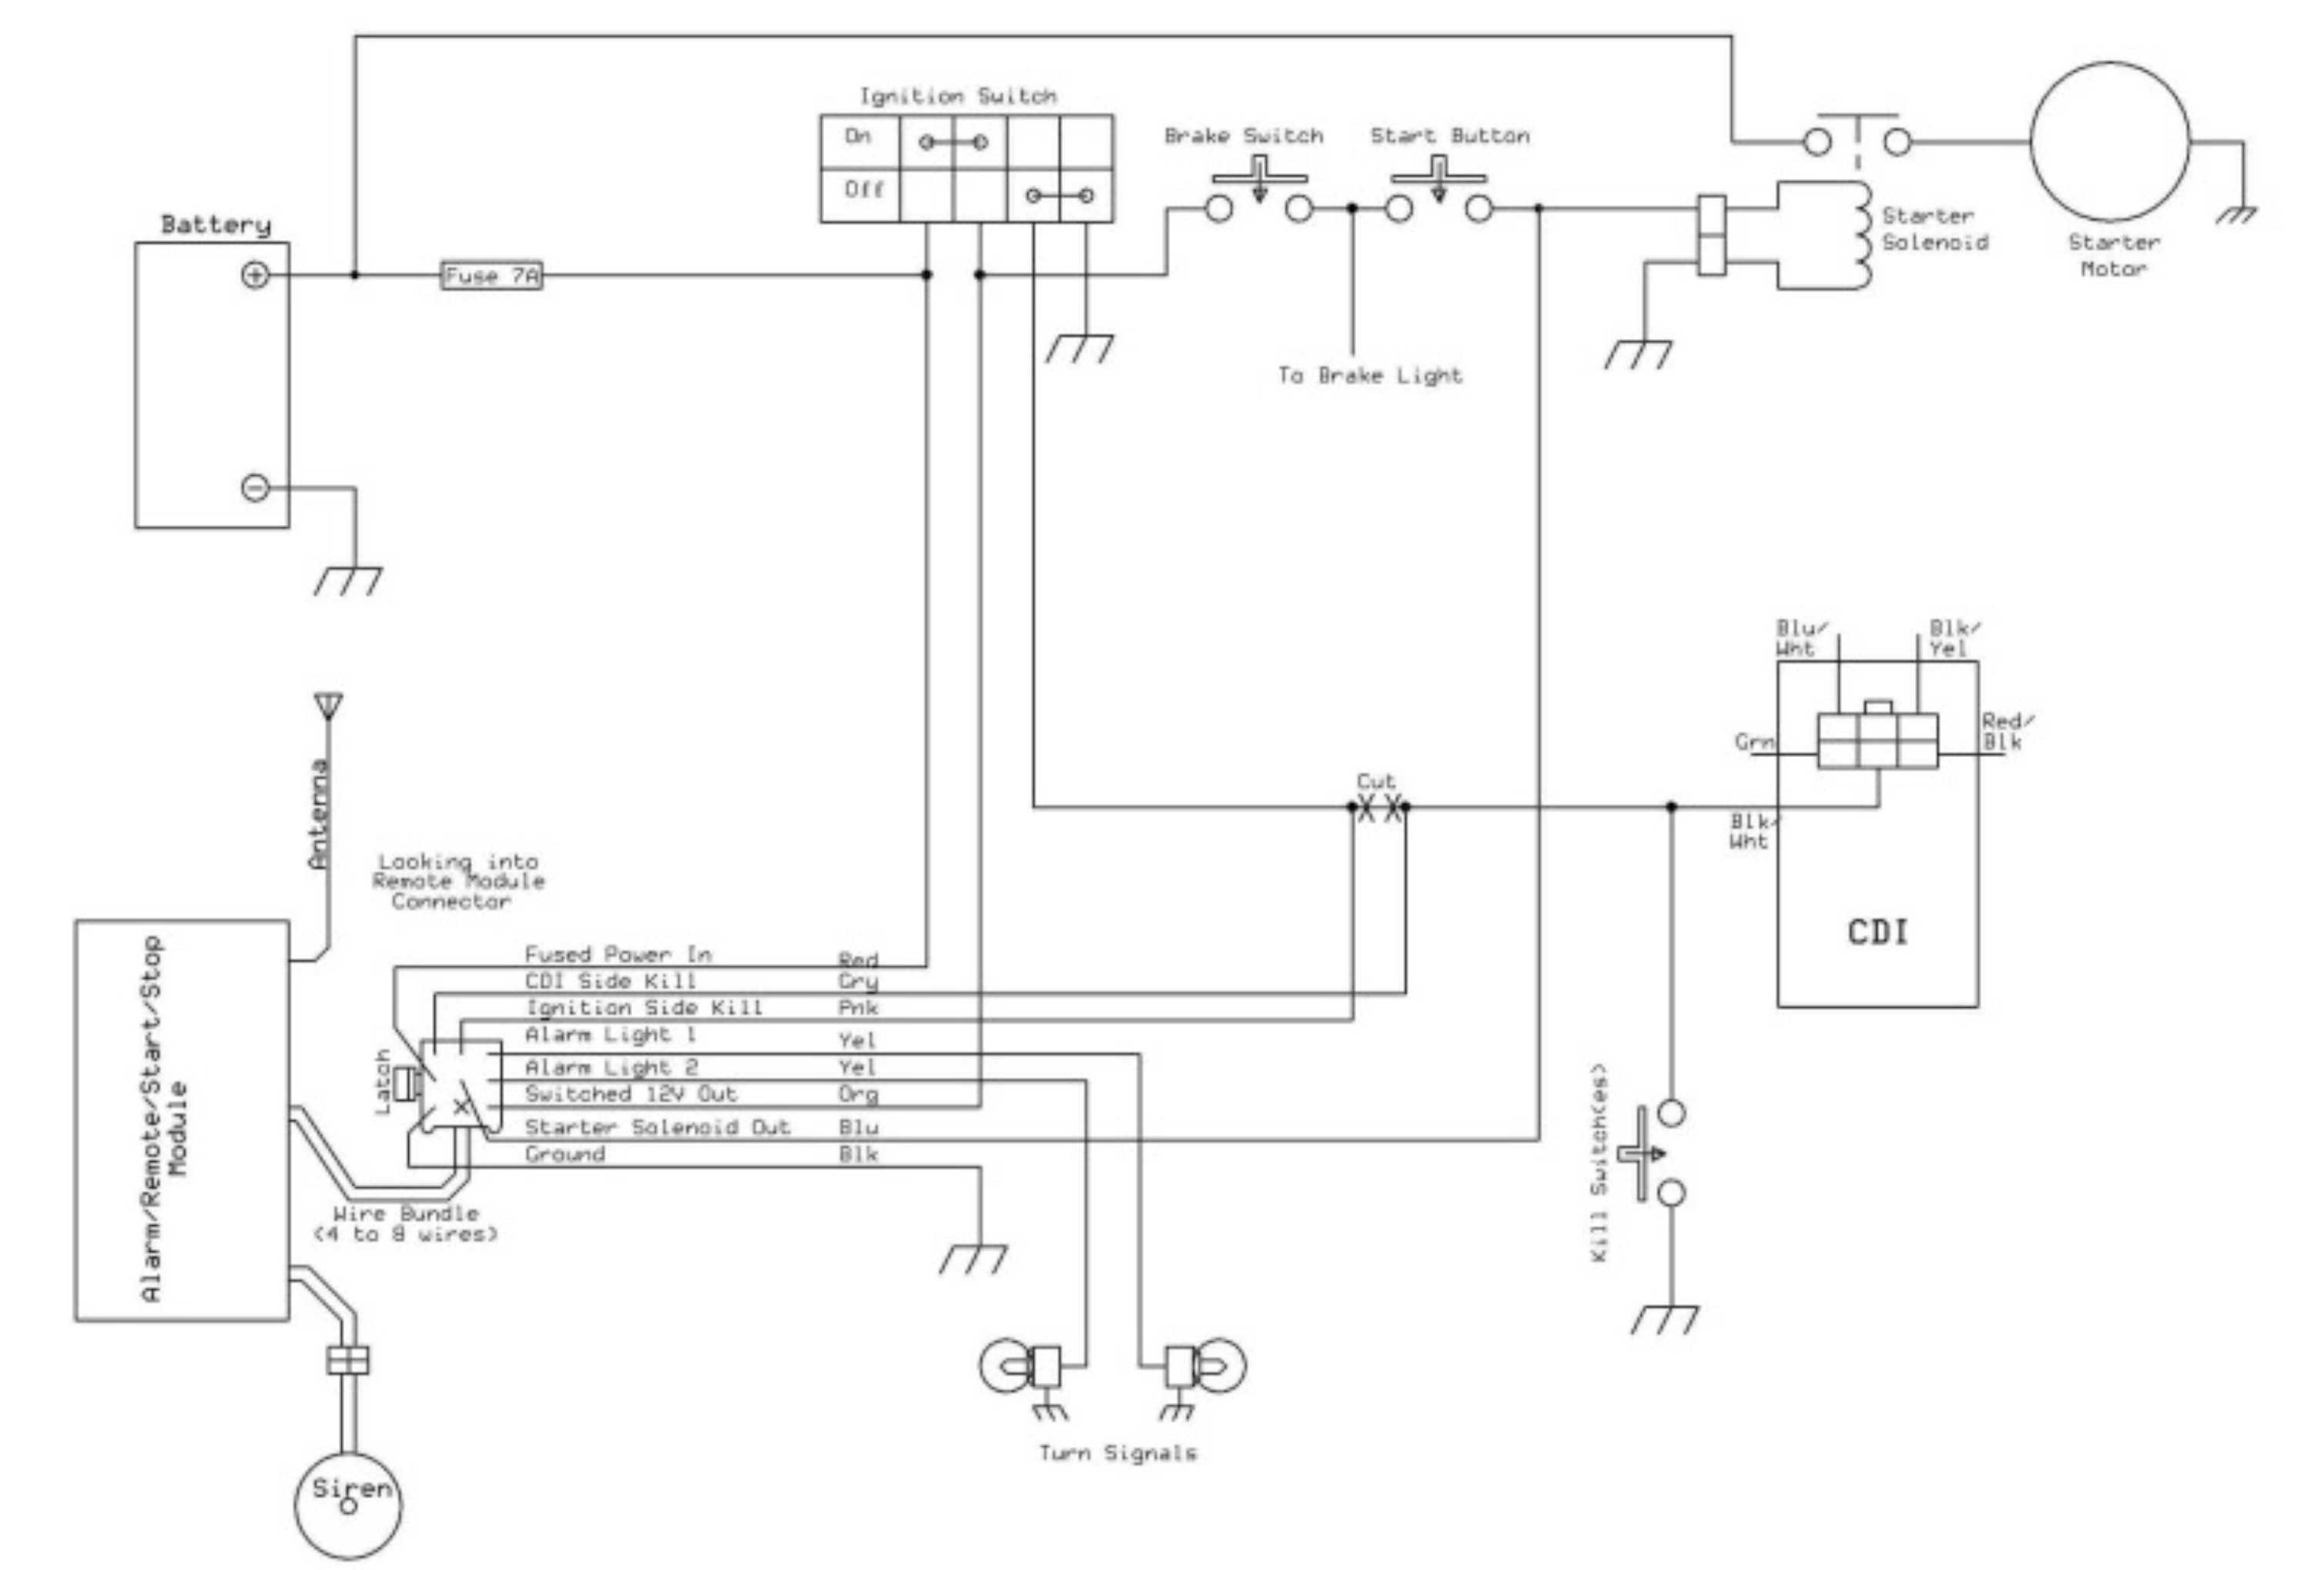 Taotao 50 Wiring Diagram - seniorsclub.it visualdraw-fund -  visualdraw-fund.seniorsclub.it | 2014 Tao 50cc Scooter Wiring Diagram |  | visualdraw-fund.seniorsclub.it